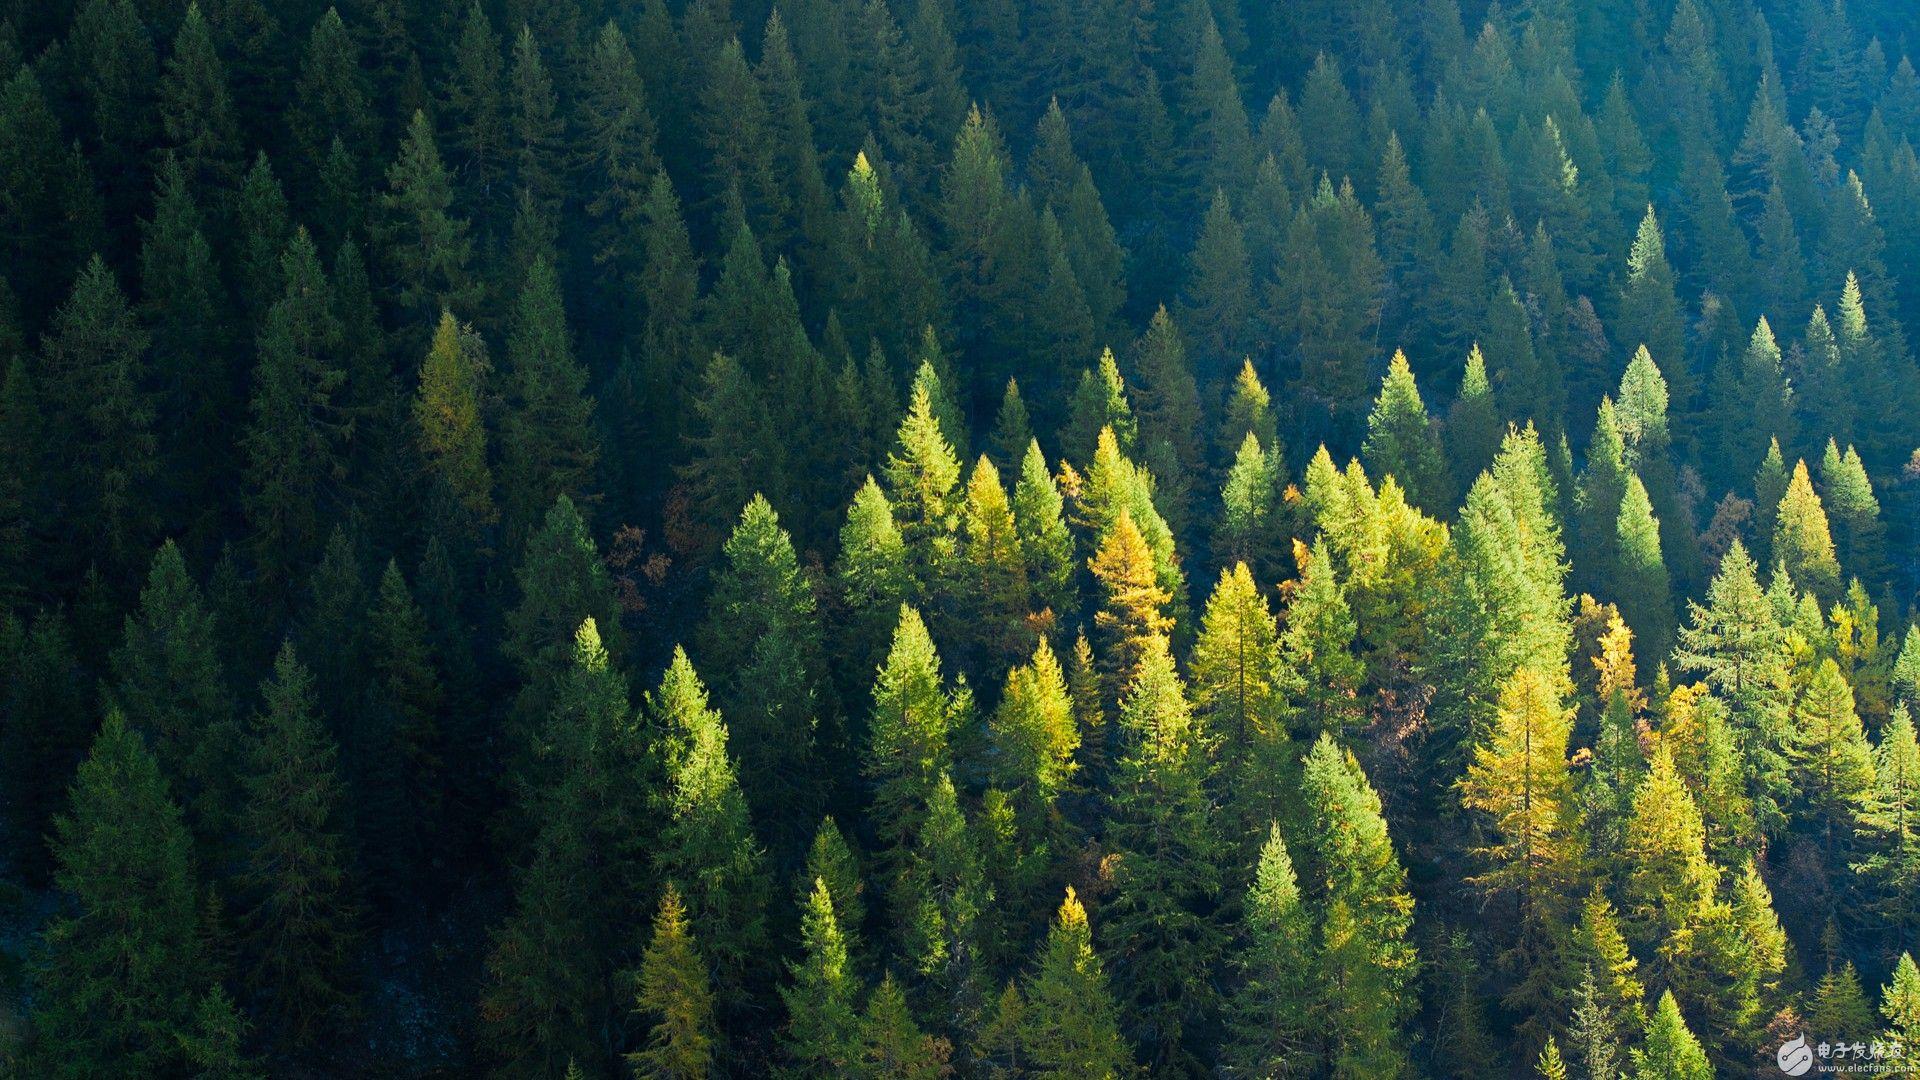 区块链可以保护森林